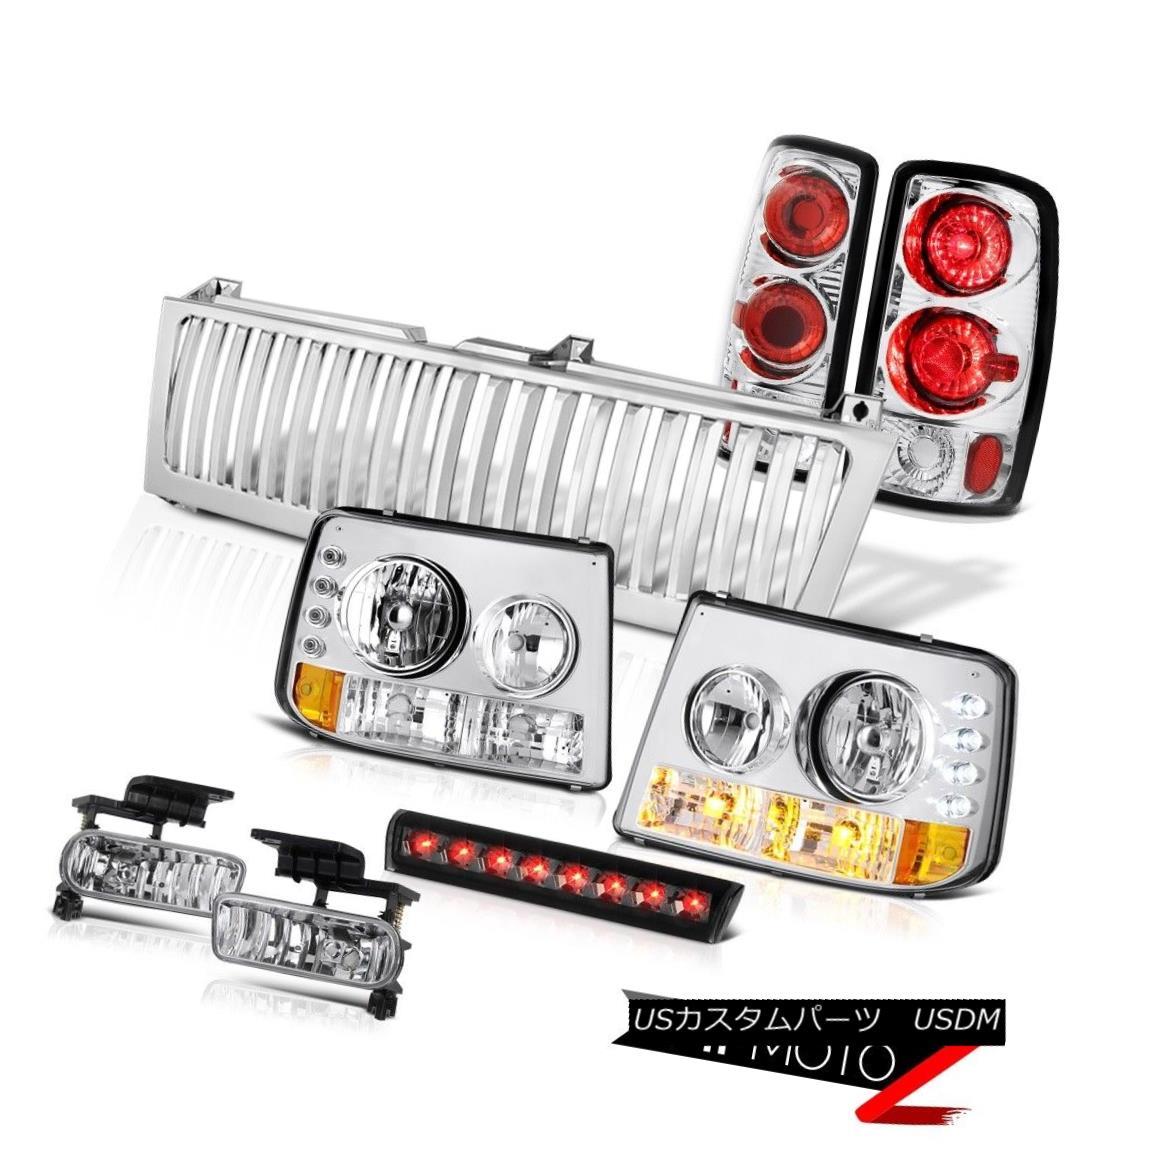 ヘッドライト 2000-06 Suburban 1500 Headlights Euro Rear Taillamps Chrome Fog Stop LED Tinted 2000-06郊外1500ヘッドライトユーロリア・タイヤランクローム・フォグ・ストップLED Tinted